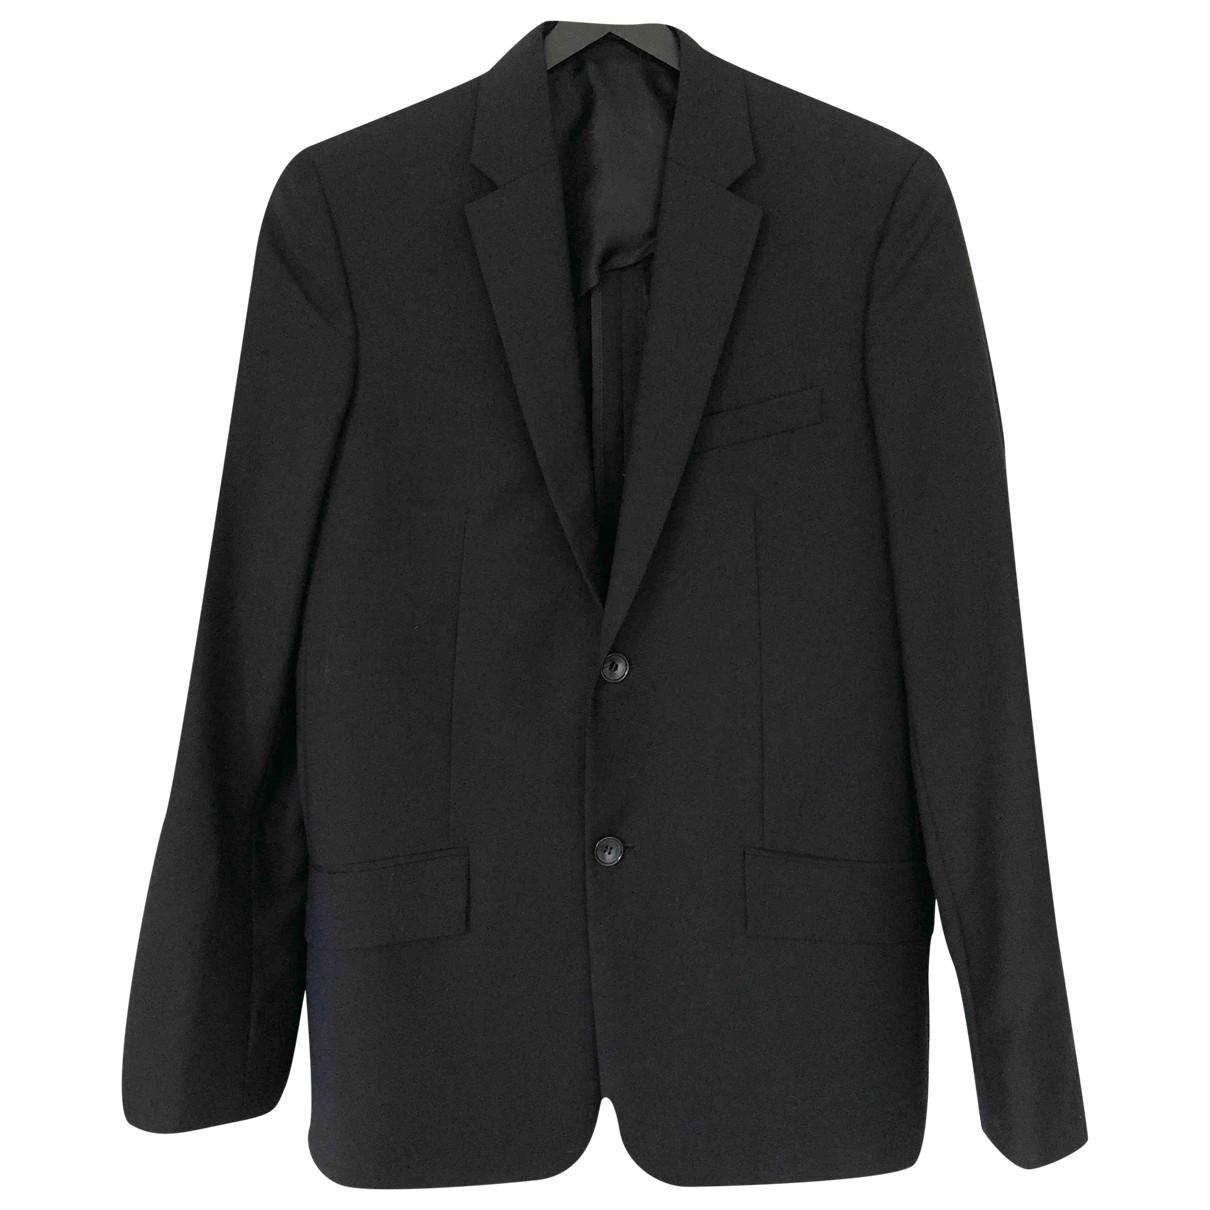 Balenciaga - Vestes.Blousons   pour homme en laine - noir